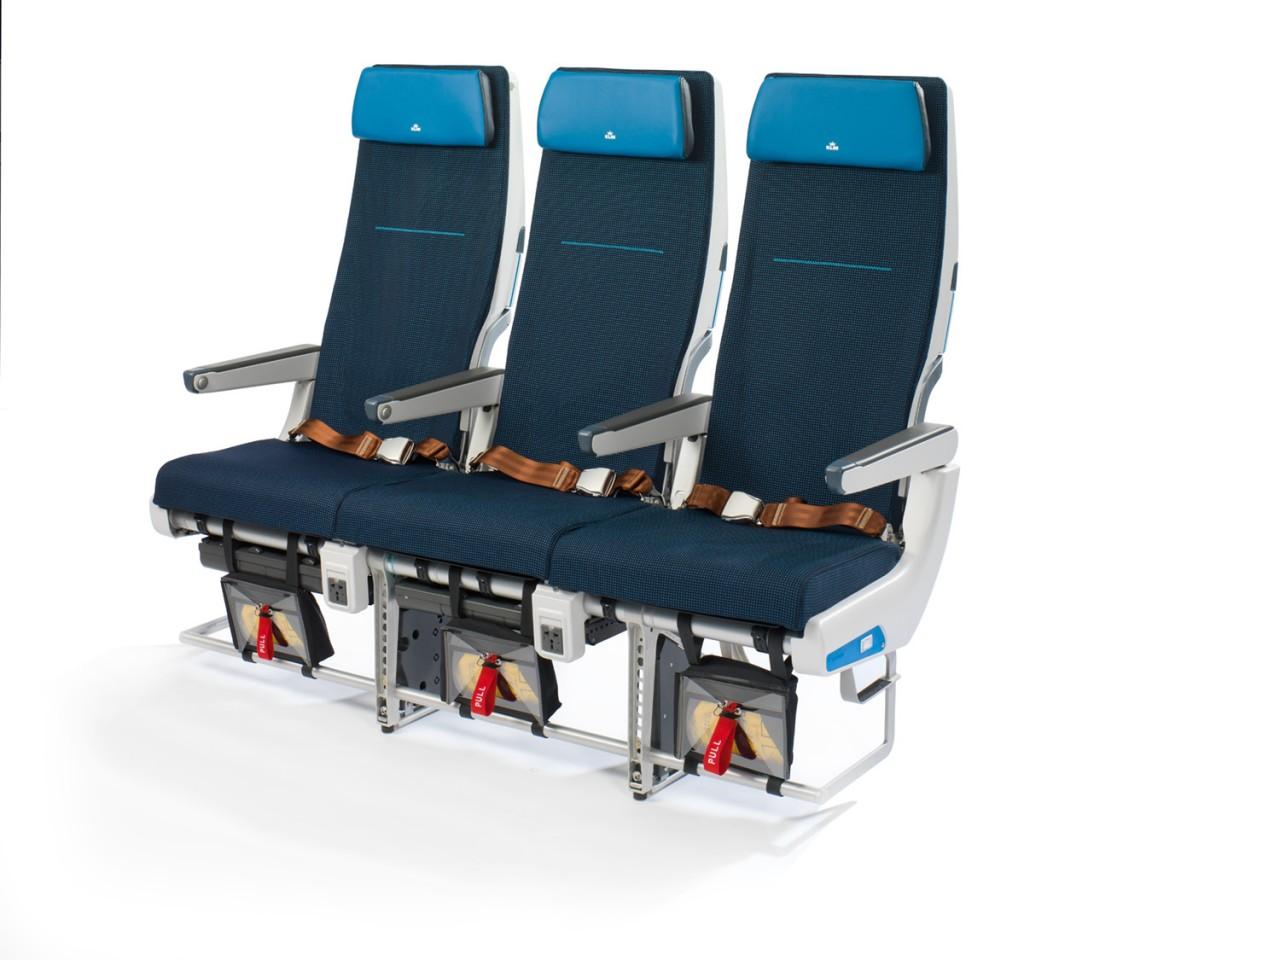 Economy KLM